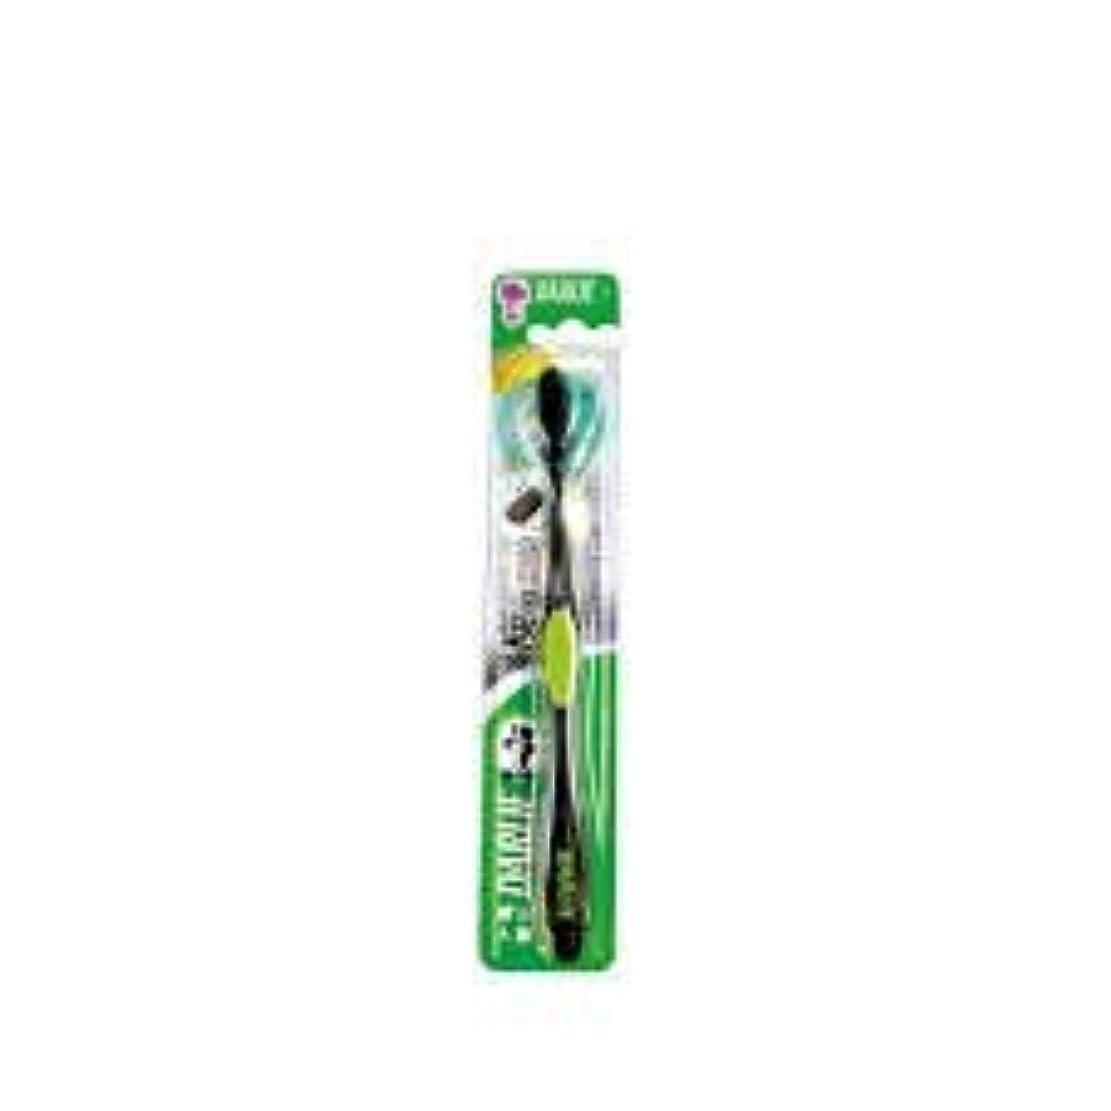 一次側溝欠如DARLIE チャコールブラック歯磨き粉歯ブラシのクリーニングはテーパ1S-口臭を防止するために、活性炭粒子で強化毛。